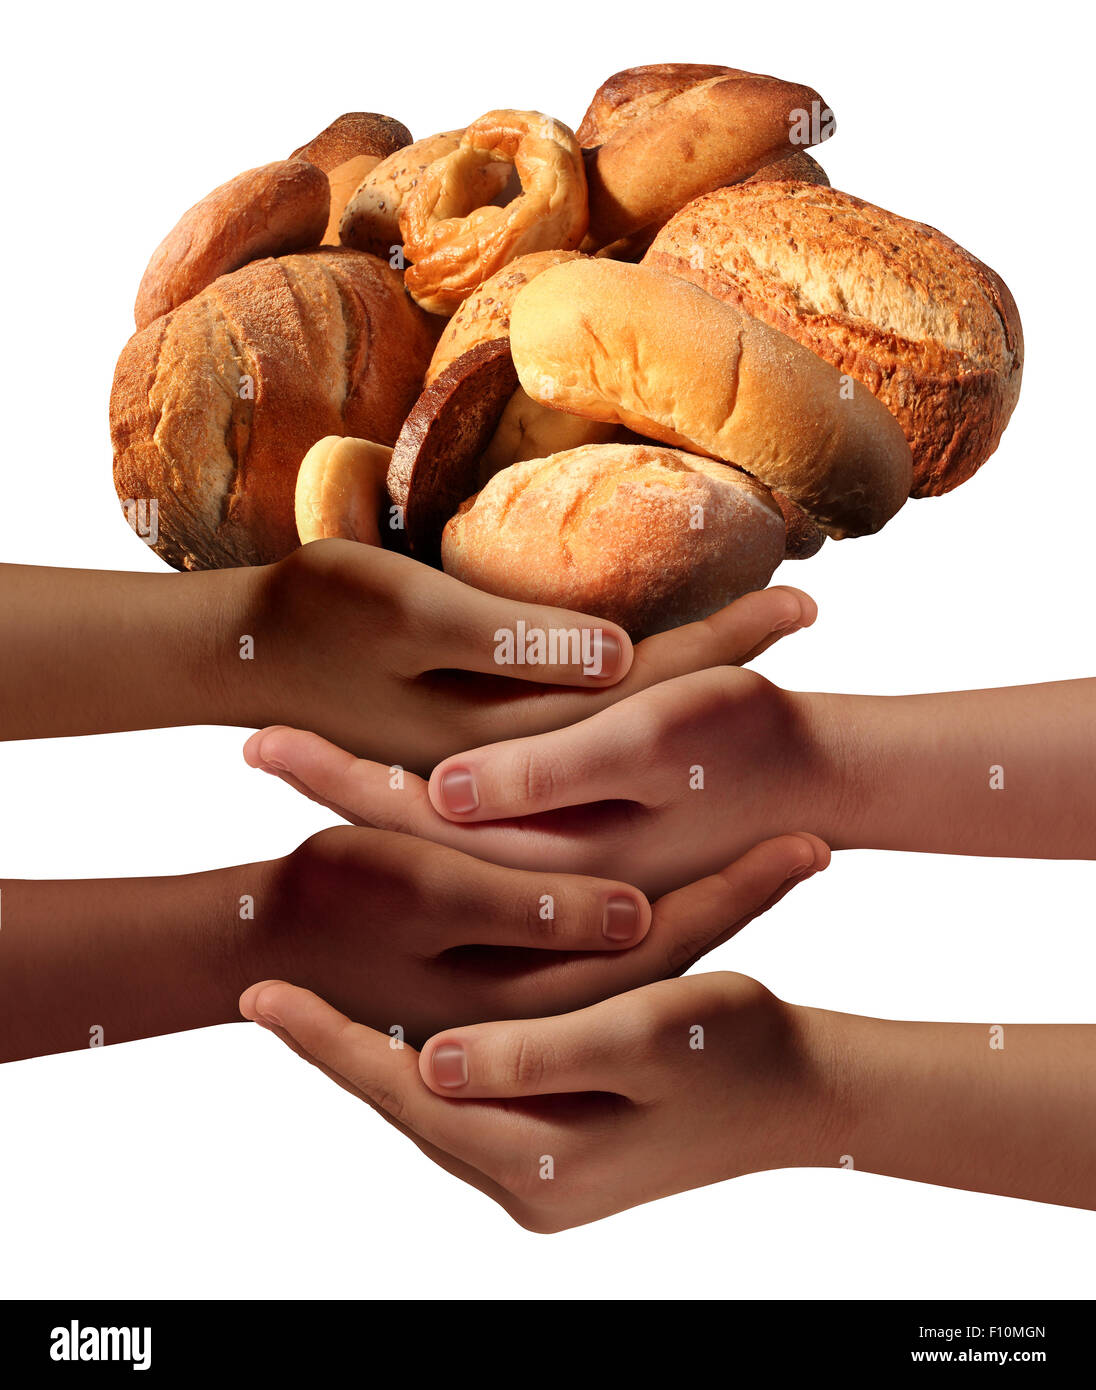 Alimentar a los pobres la ayuda comunitaria concepto con un grupo de manos caritativas que representan a los diversos Imagen De Stock